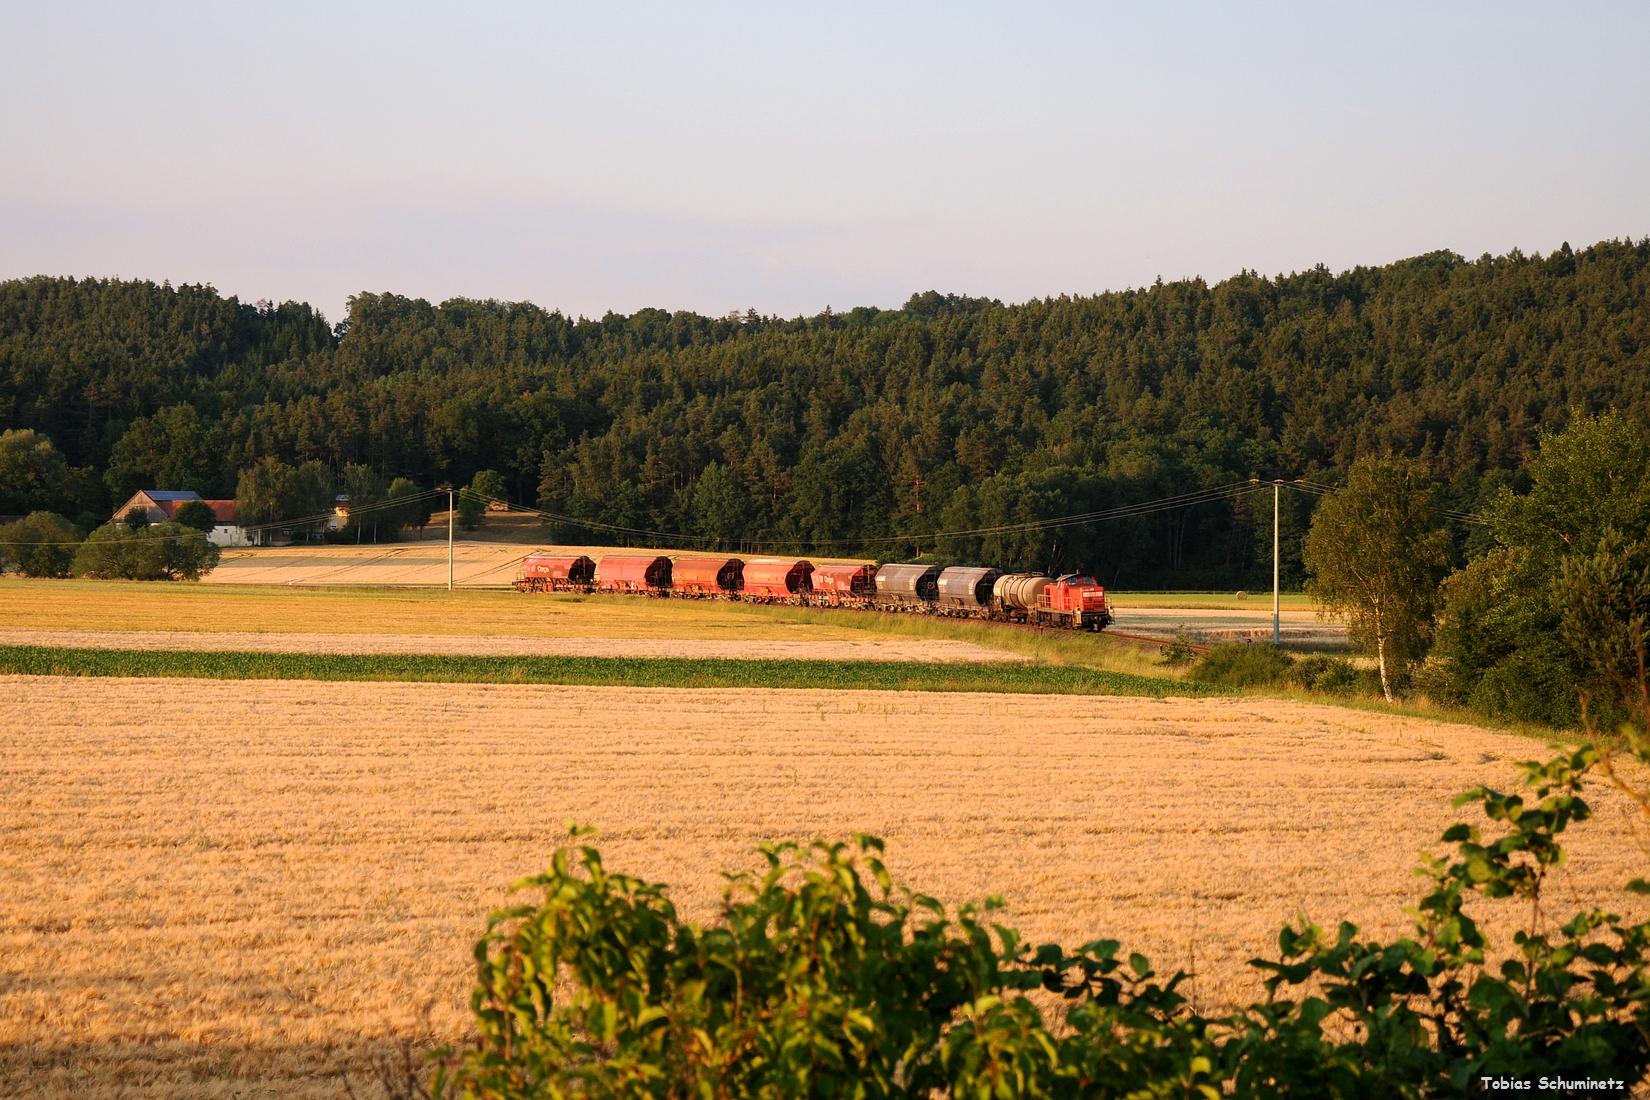 Ein letztes mal kann man den Zug bei Godlricht in der Kure aufnehmen. DIe Lok bekommt hier sogar nochmals etwas Frontlicht ab.